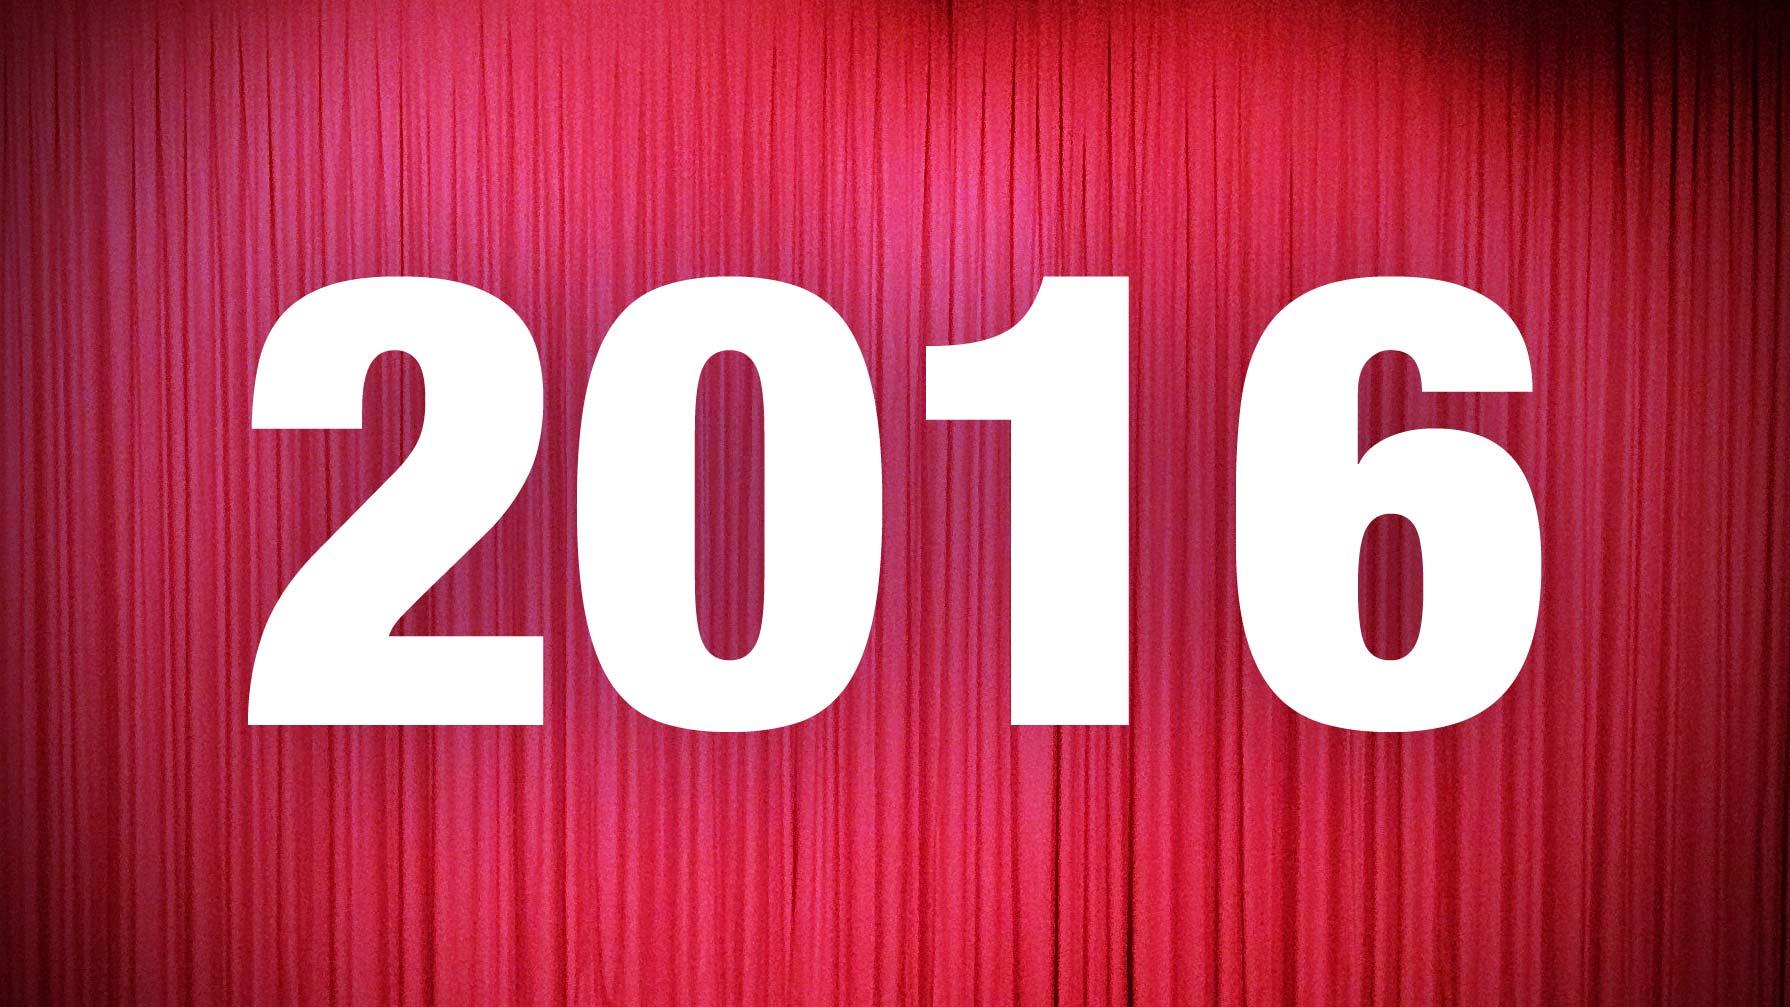 Kinofilme 2016: Das sind die kommenden Film-Highlights